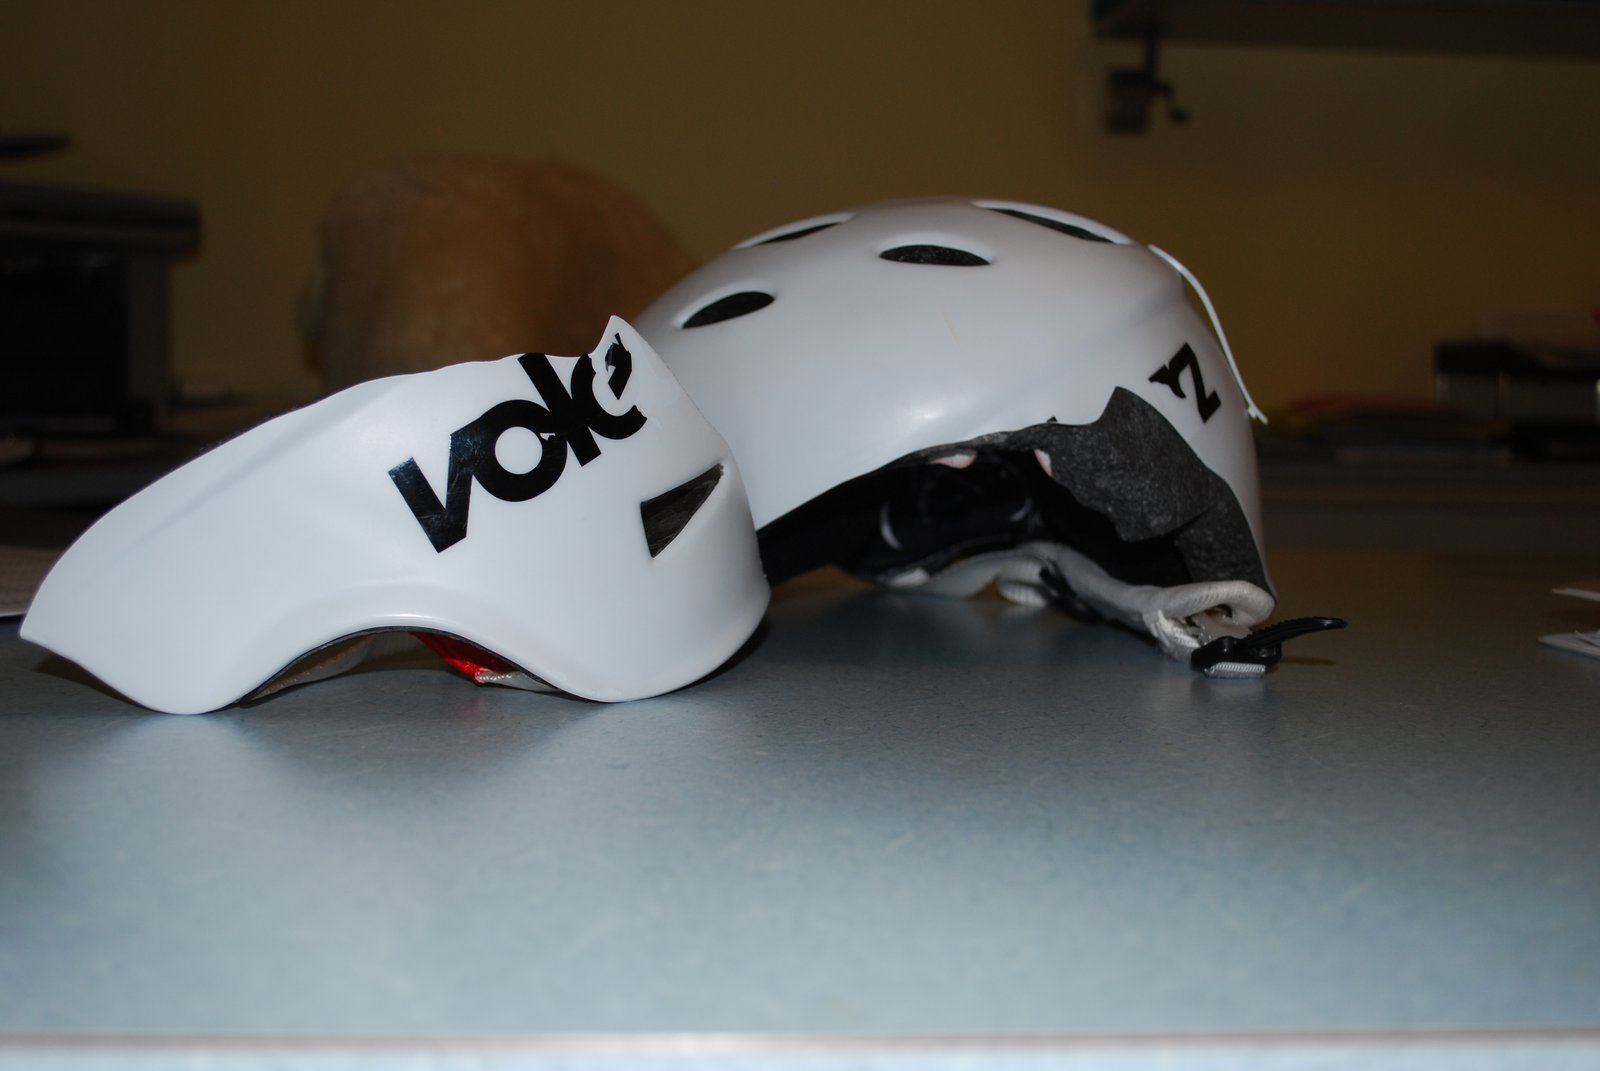 Broken helmet from crash